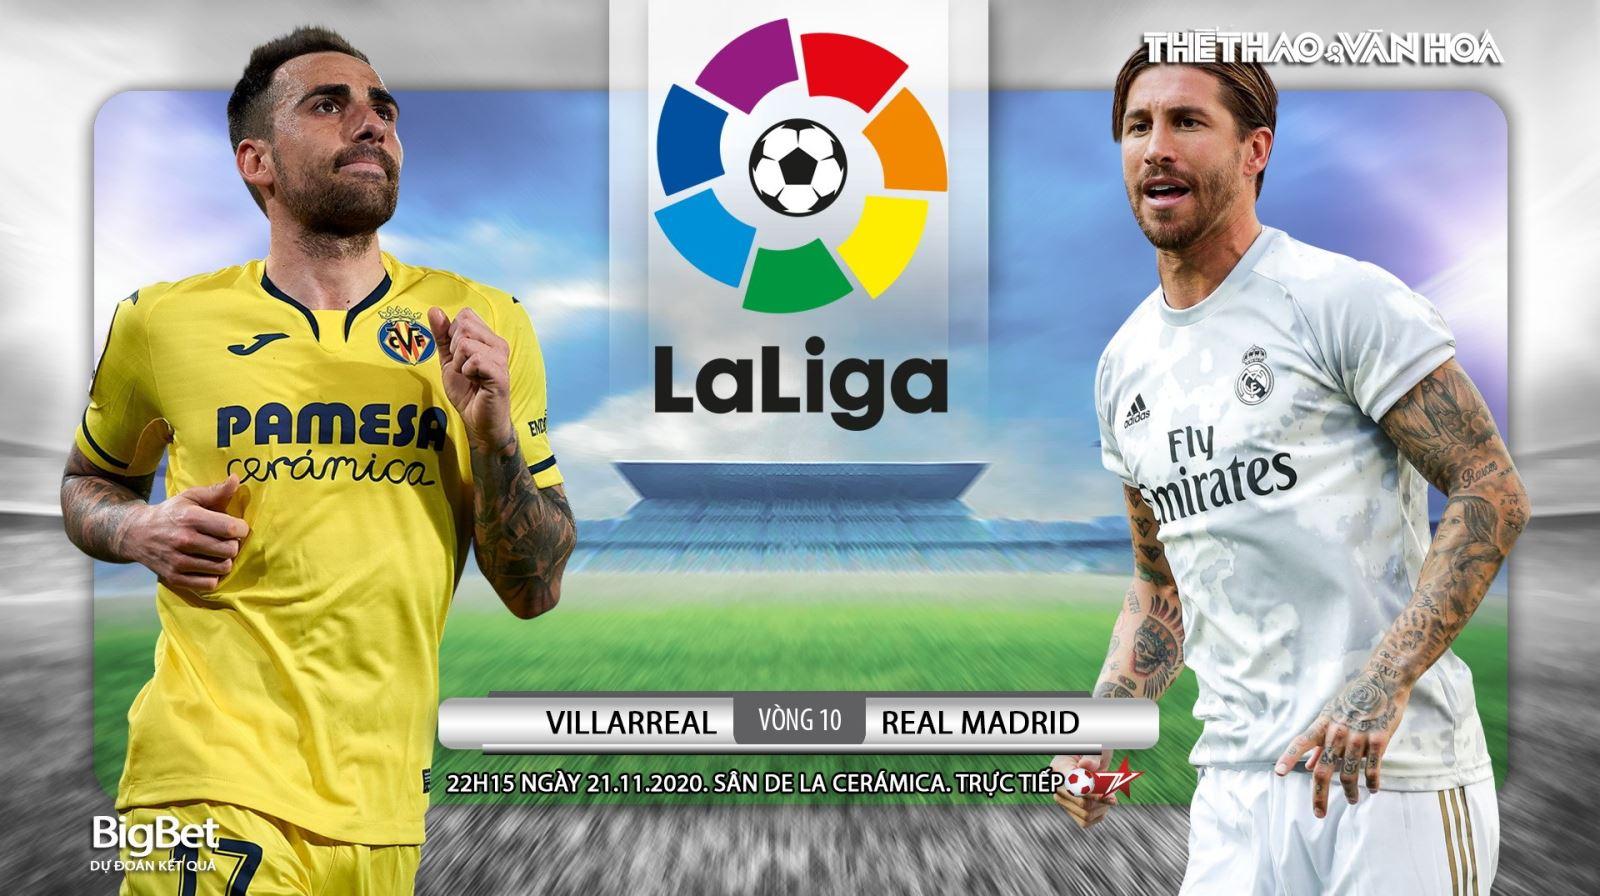 Trực tiếp Villarreal vs Real Madrid, BĐTV, Truc tiep bong da, Bóng đá Tây Ban Nha, trực tiếp bóng đá, Villarreal vs Real Madrid, trực tiếp Real Madrid vs Villarreal